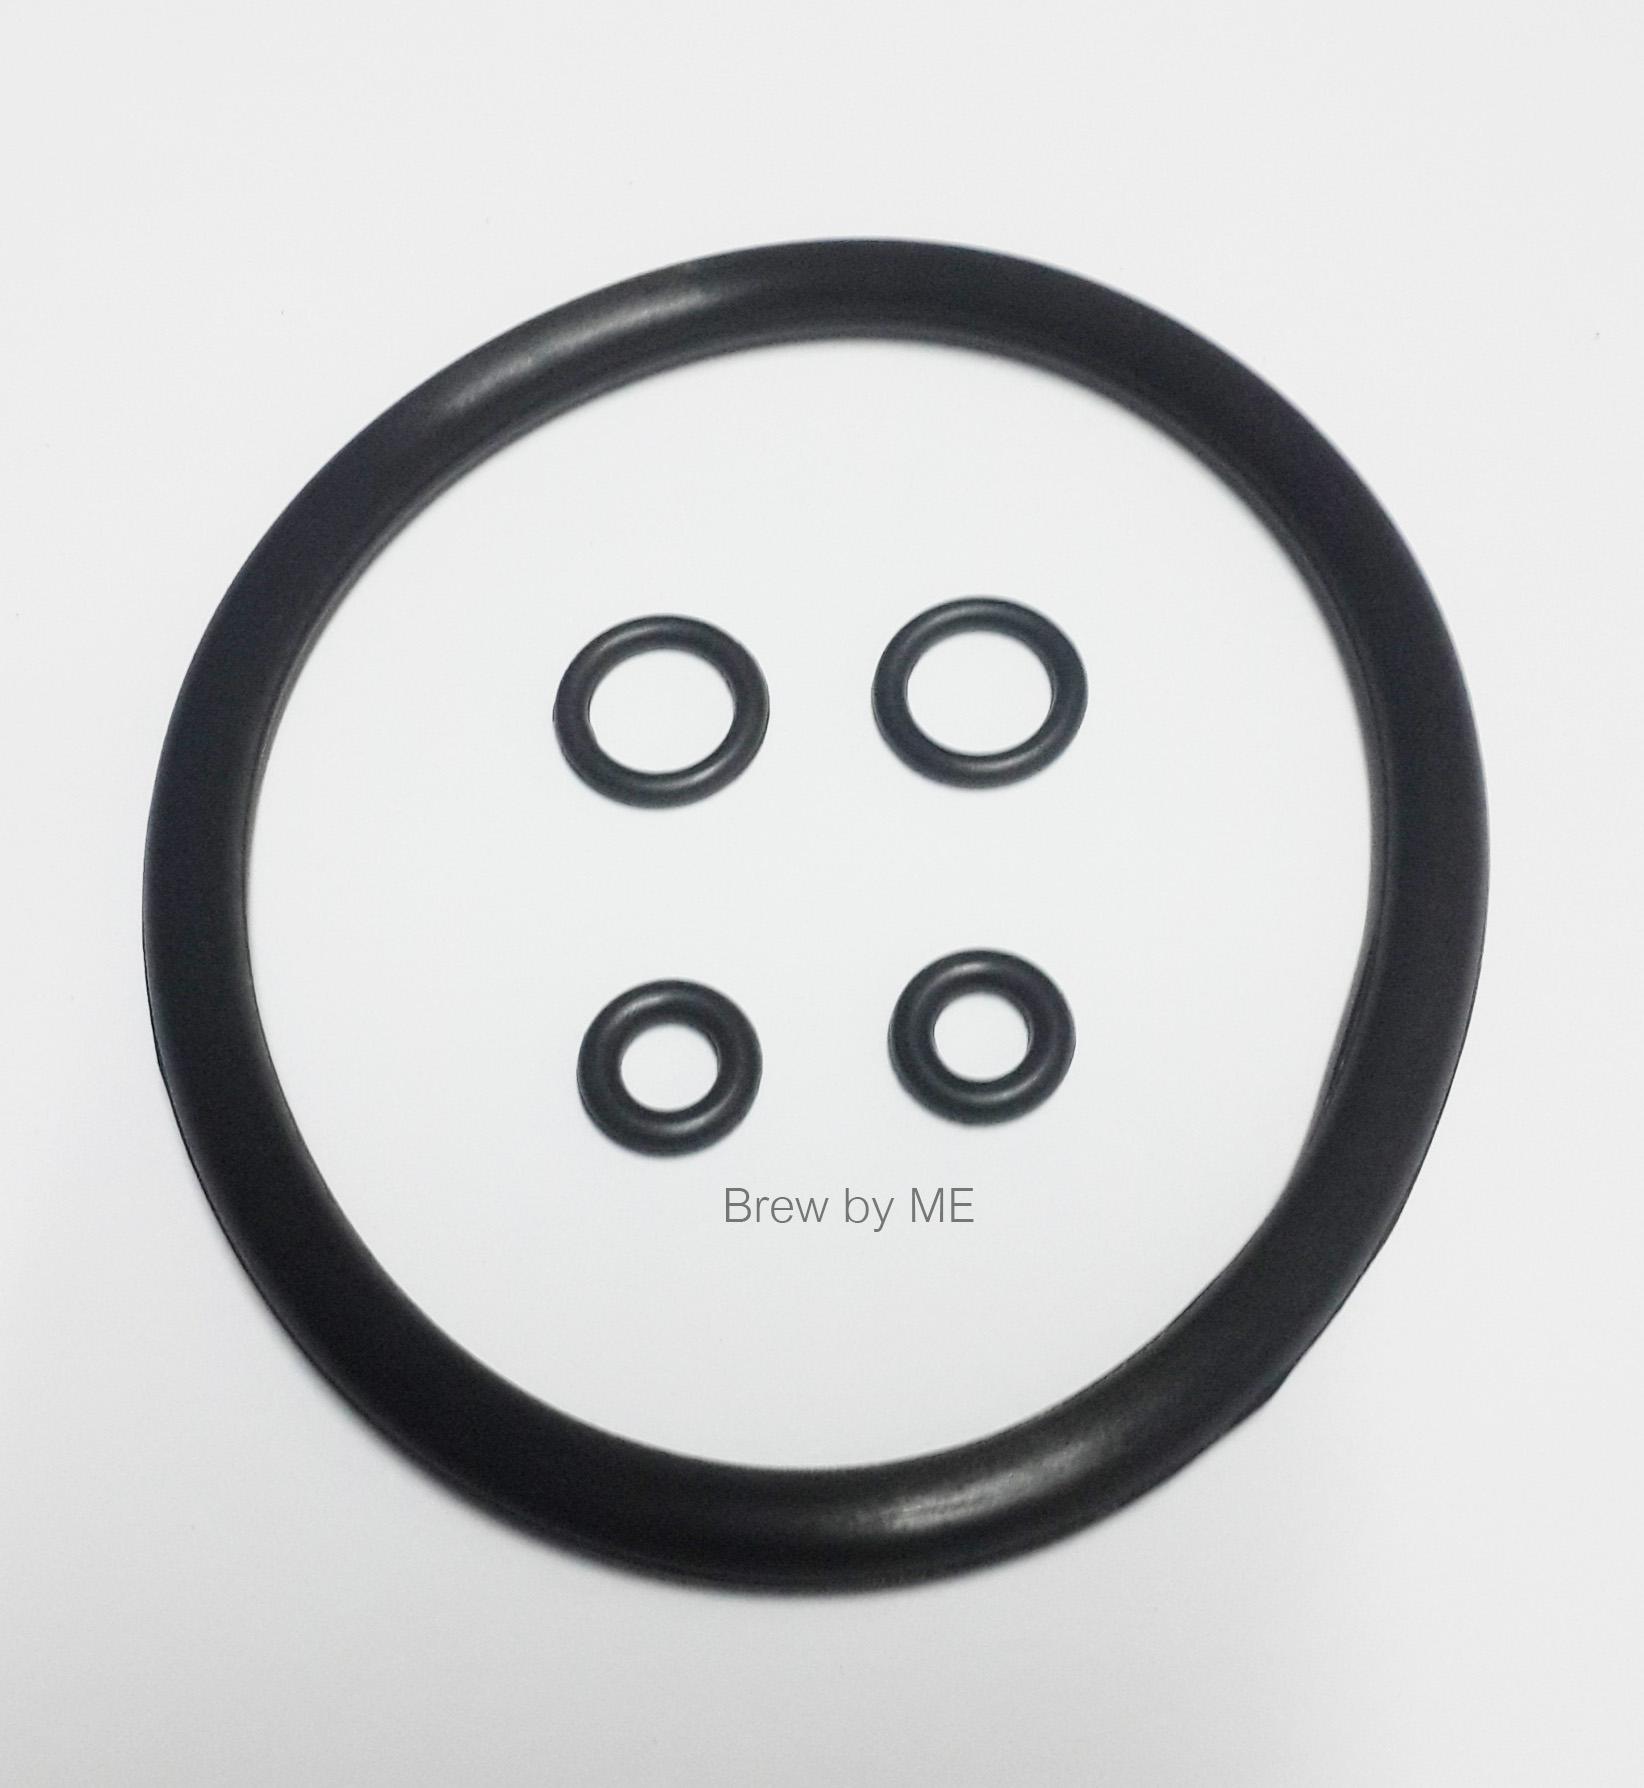 Keg Replacemnt - O Ring Kit